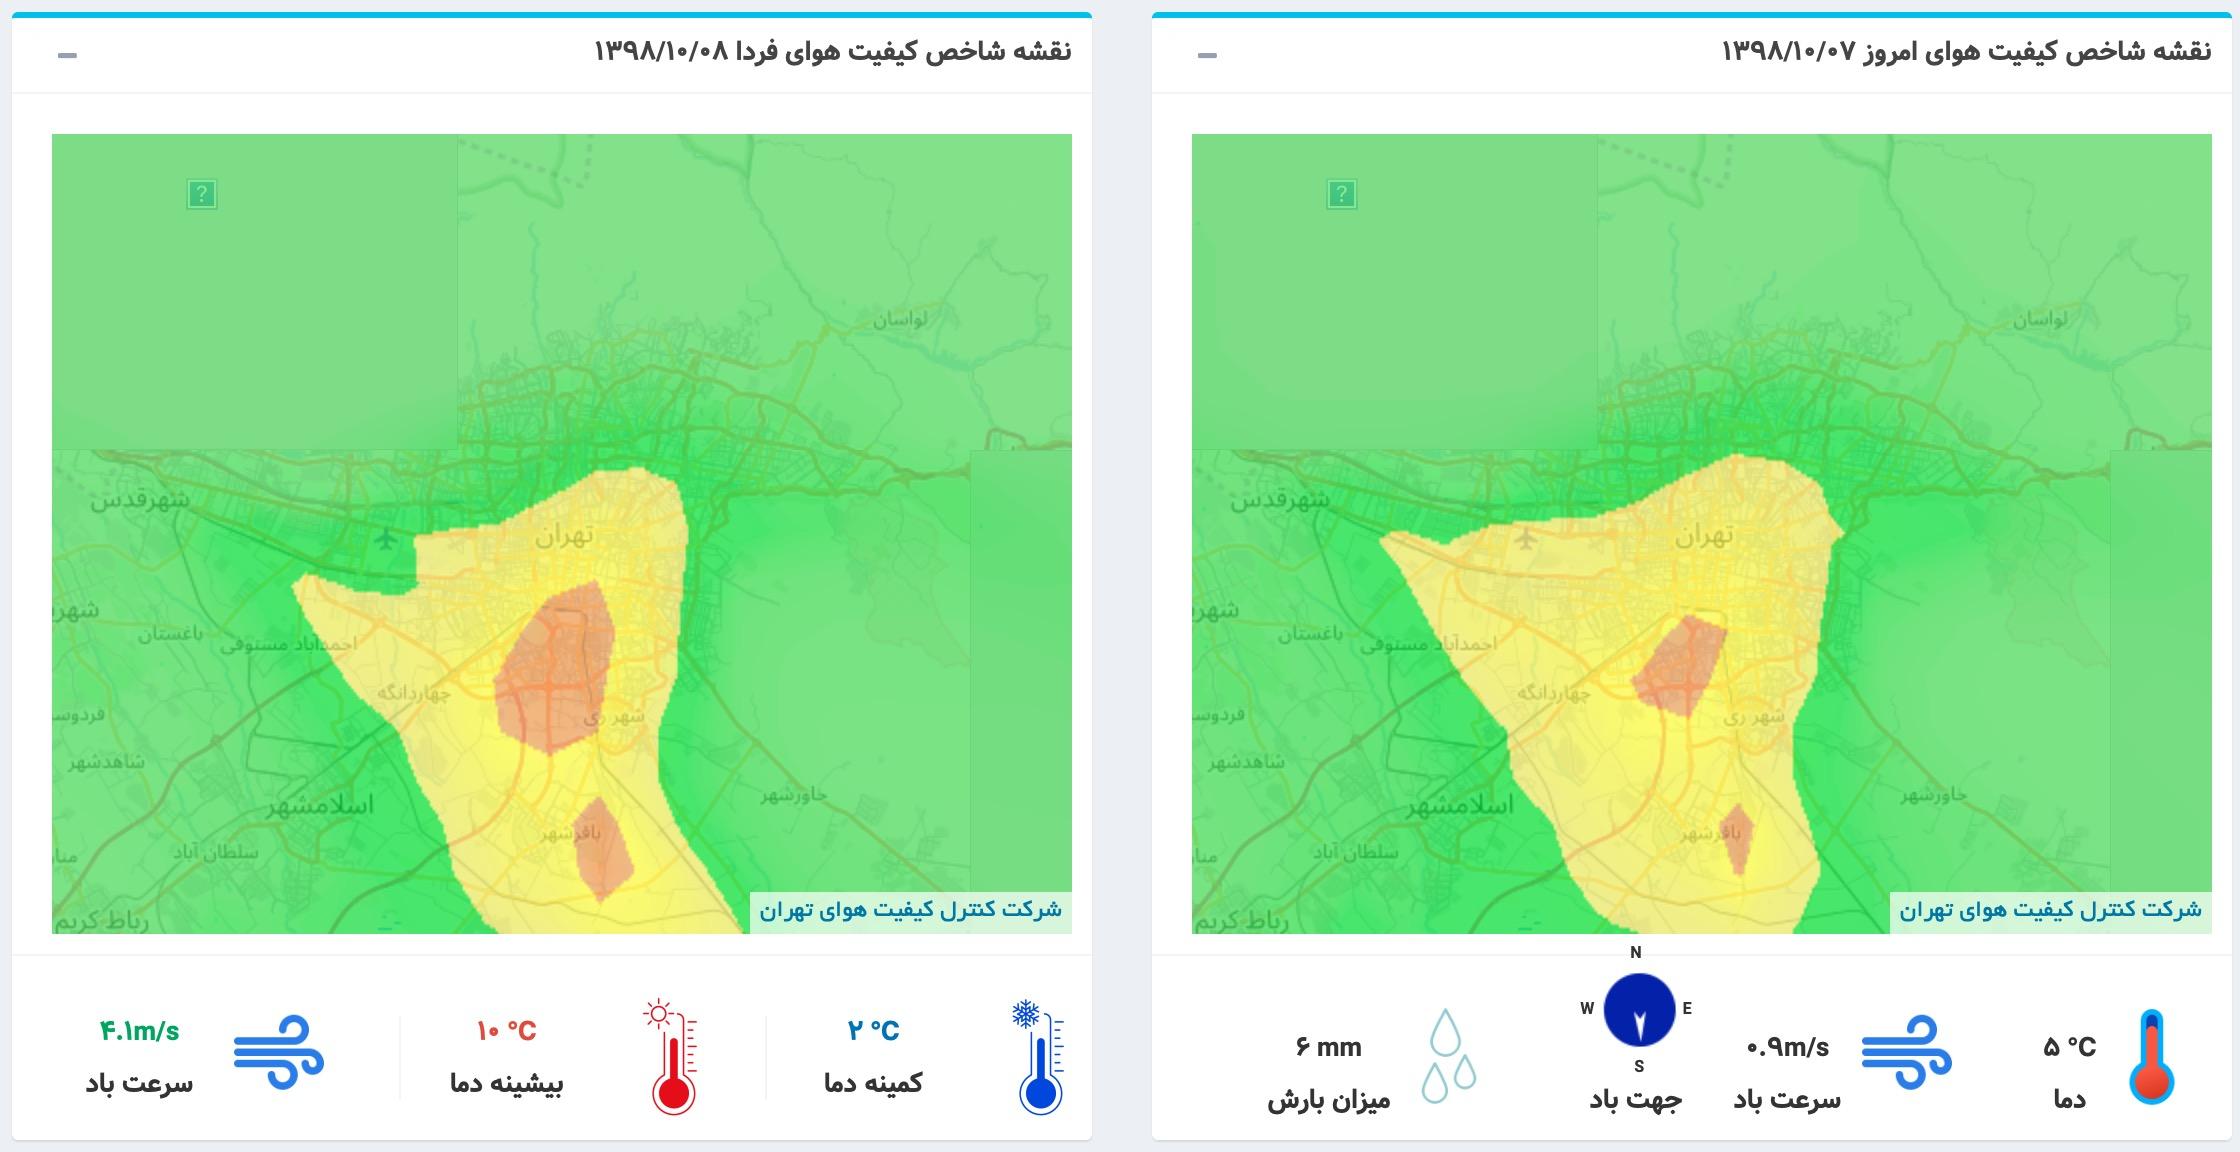 «هوای تهران پاک شد»؛ خبری مشابه اعلام «نرخ تورم» در کشور! +نمودار